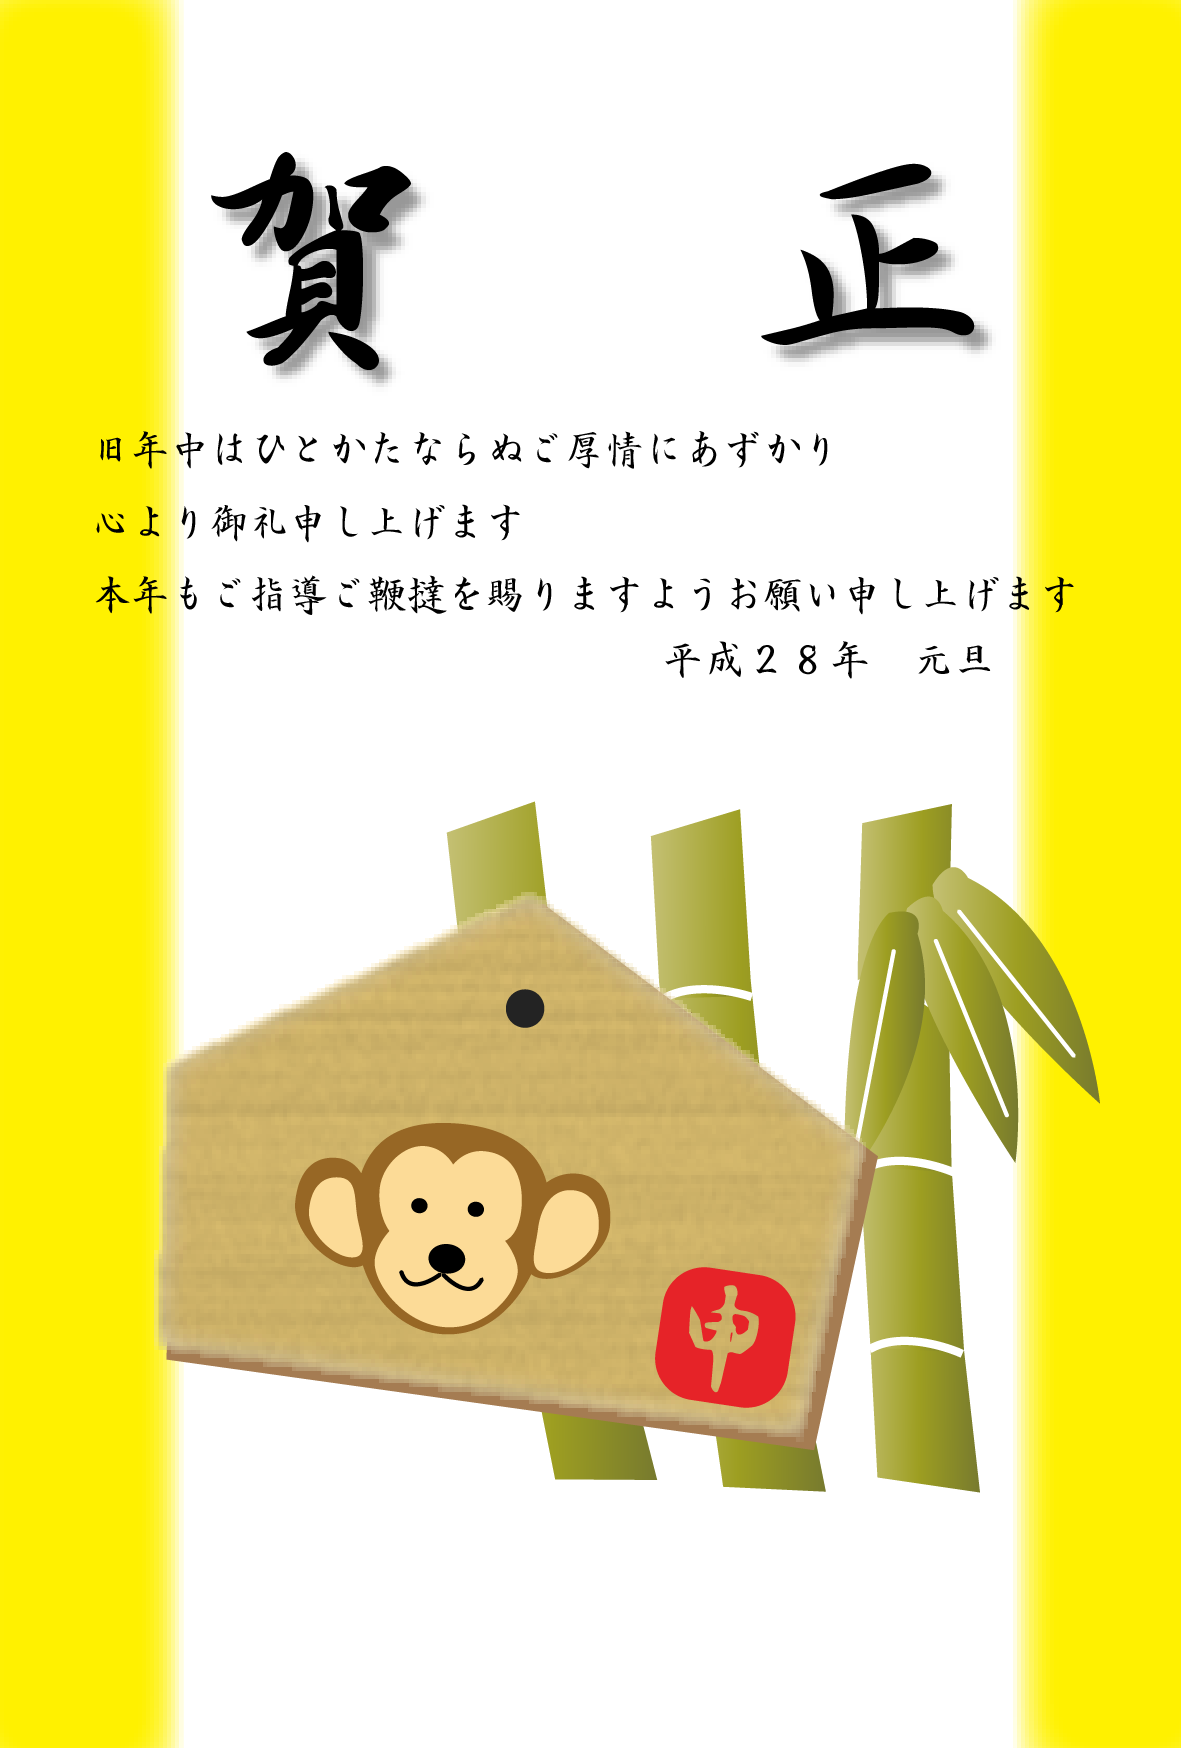 賀正と猿のイラスト入り絵馬と竹のデザイン